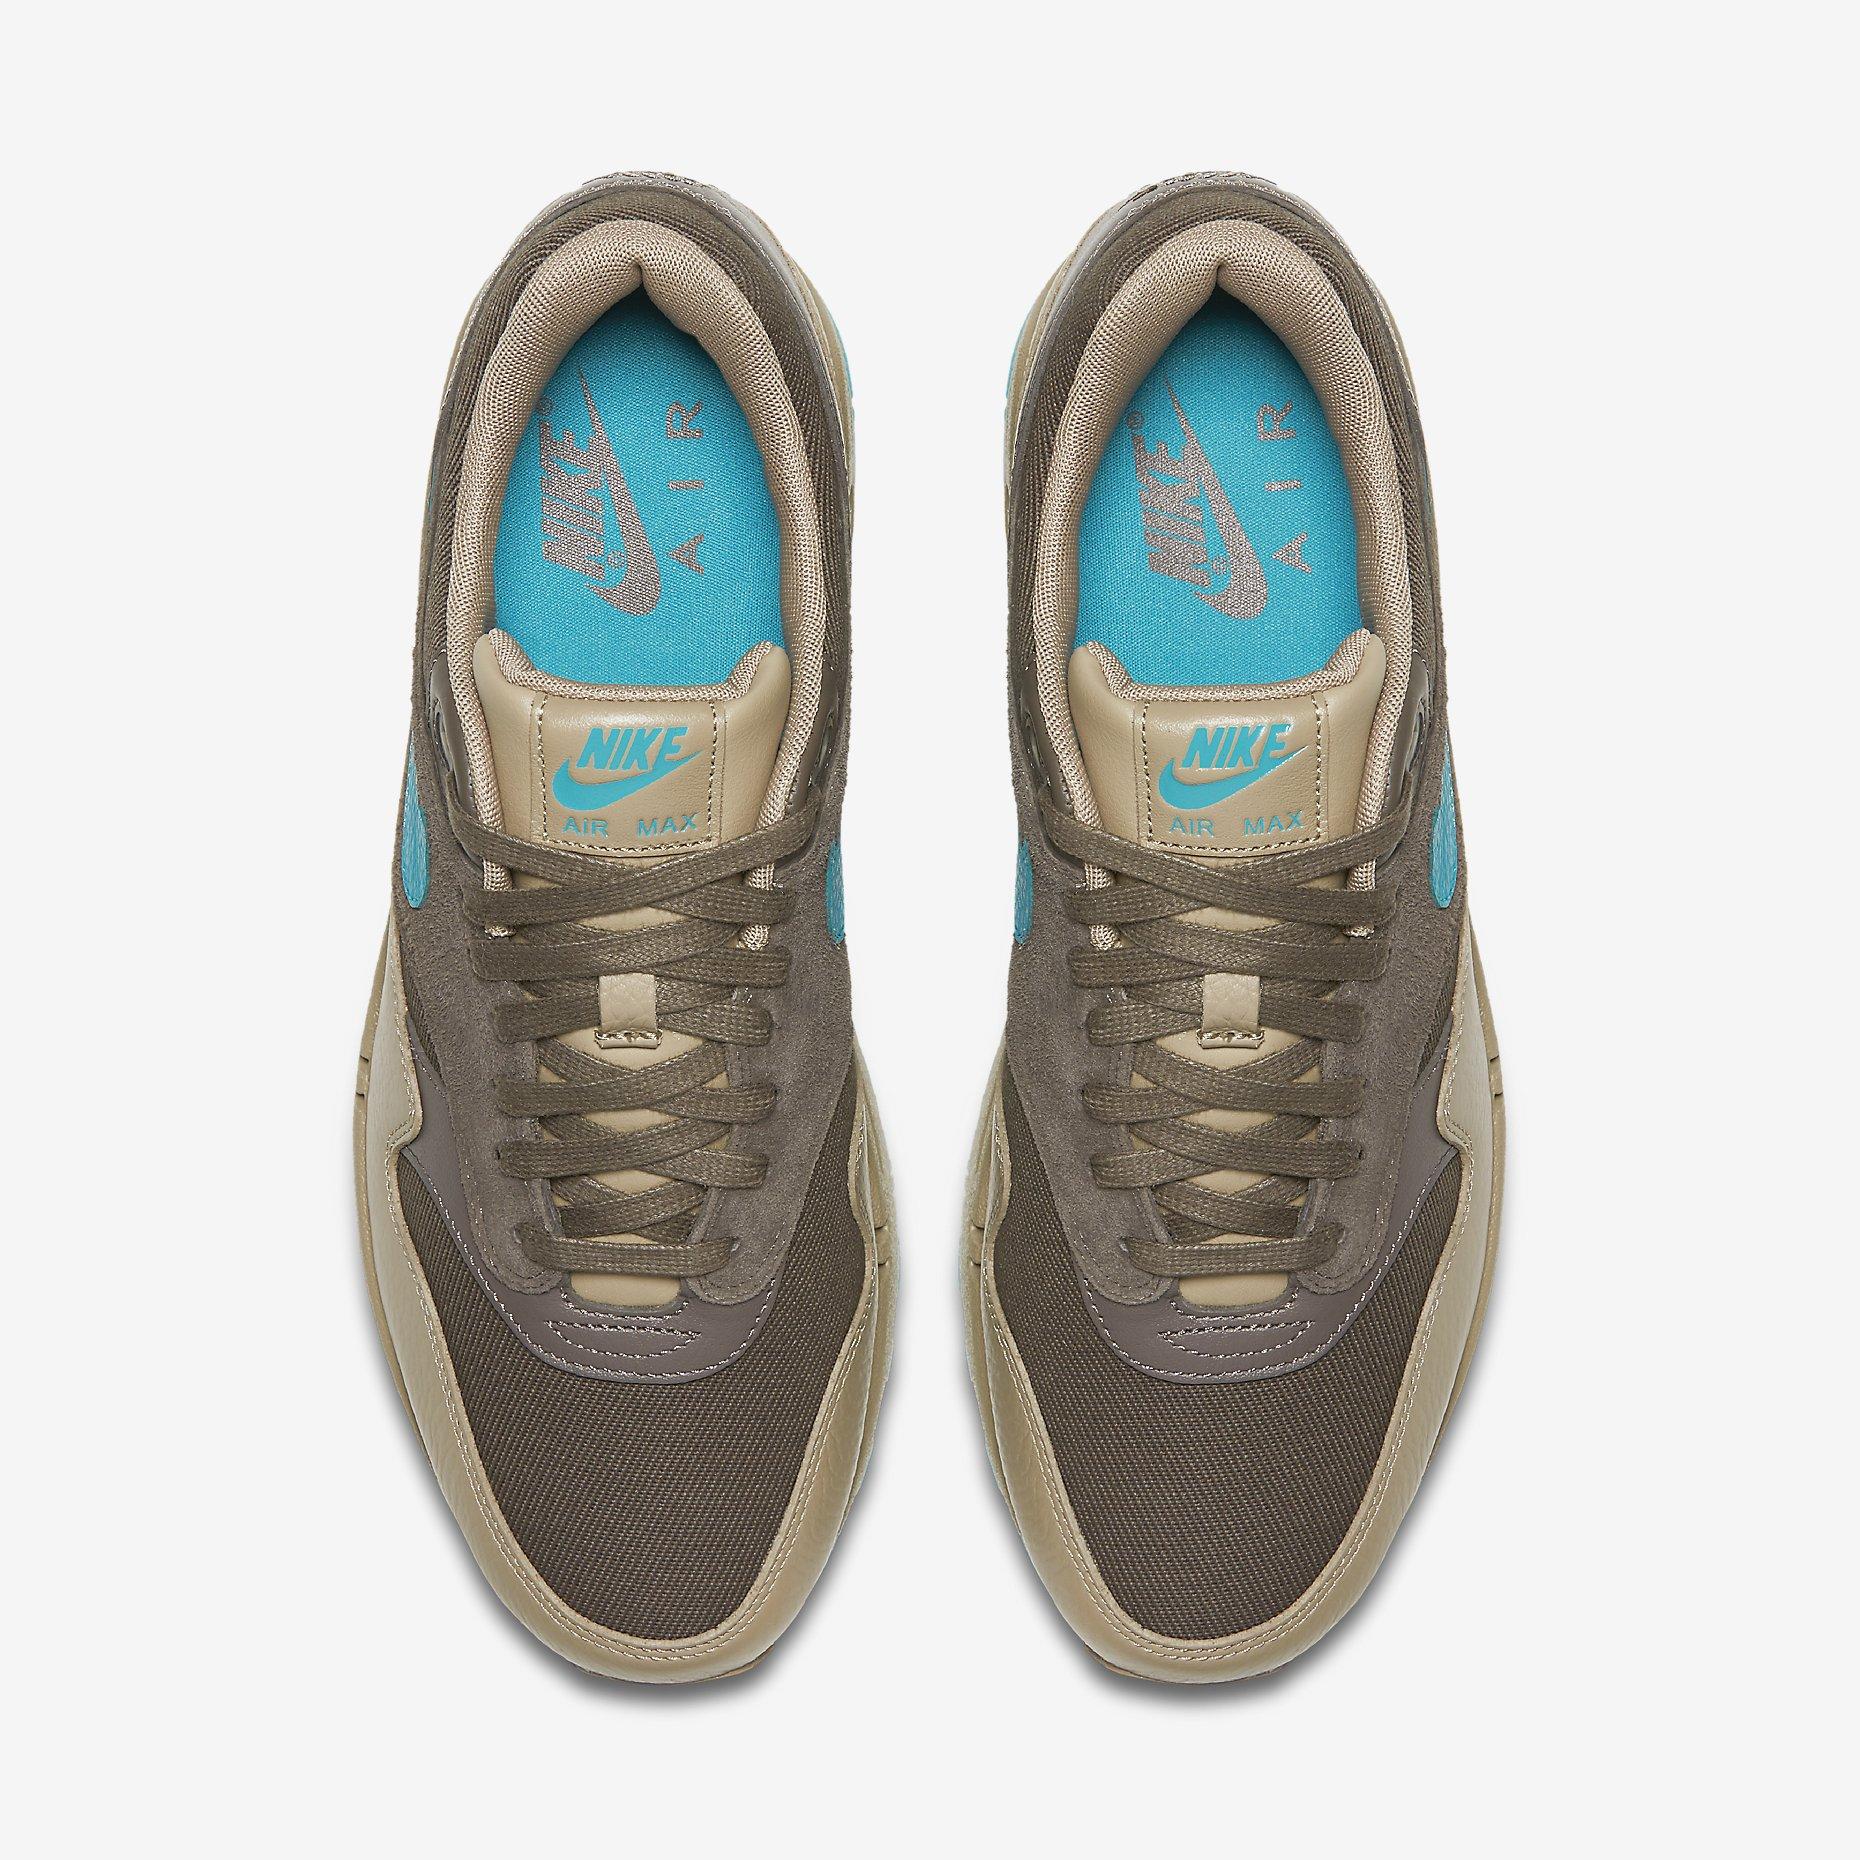 Nike Air Max 1 Premium Ridgerock 875844 200 2